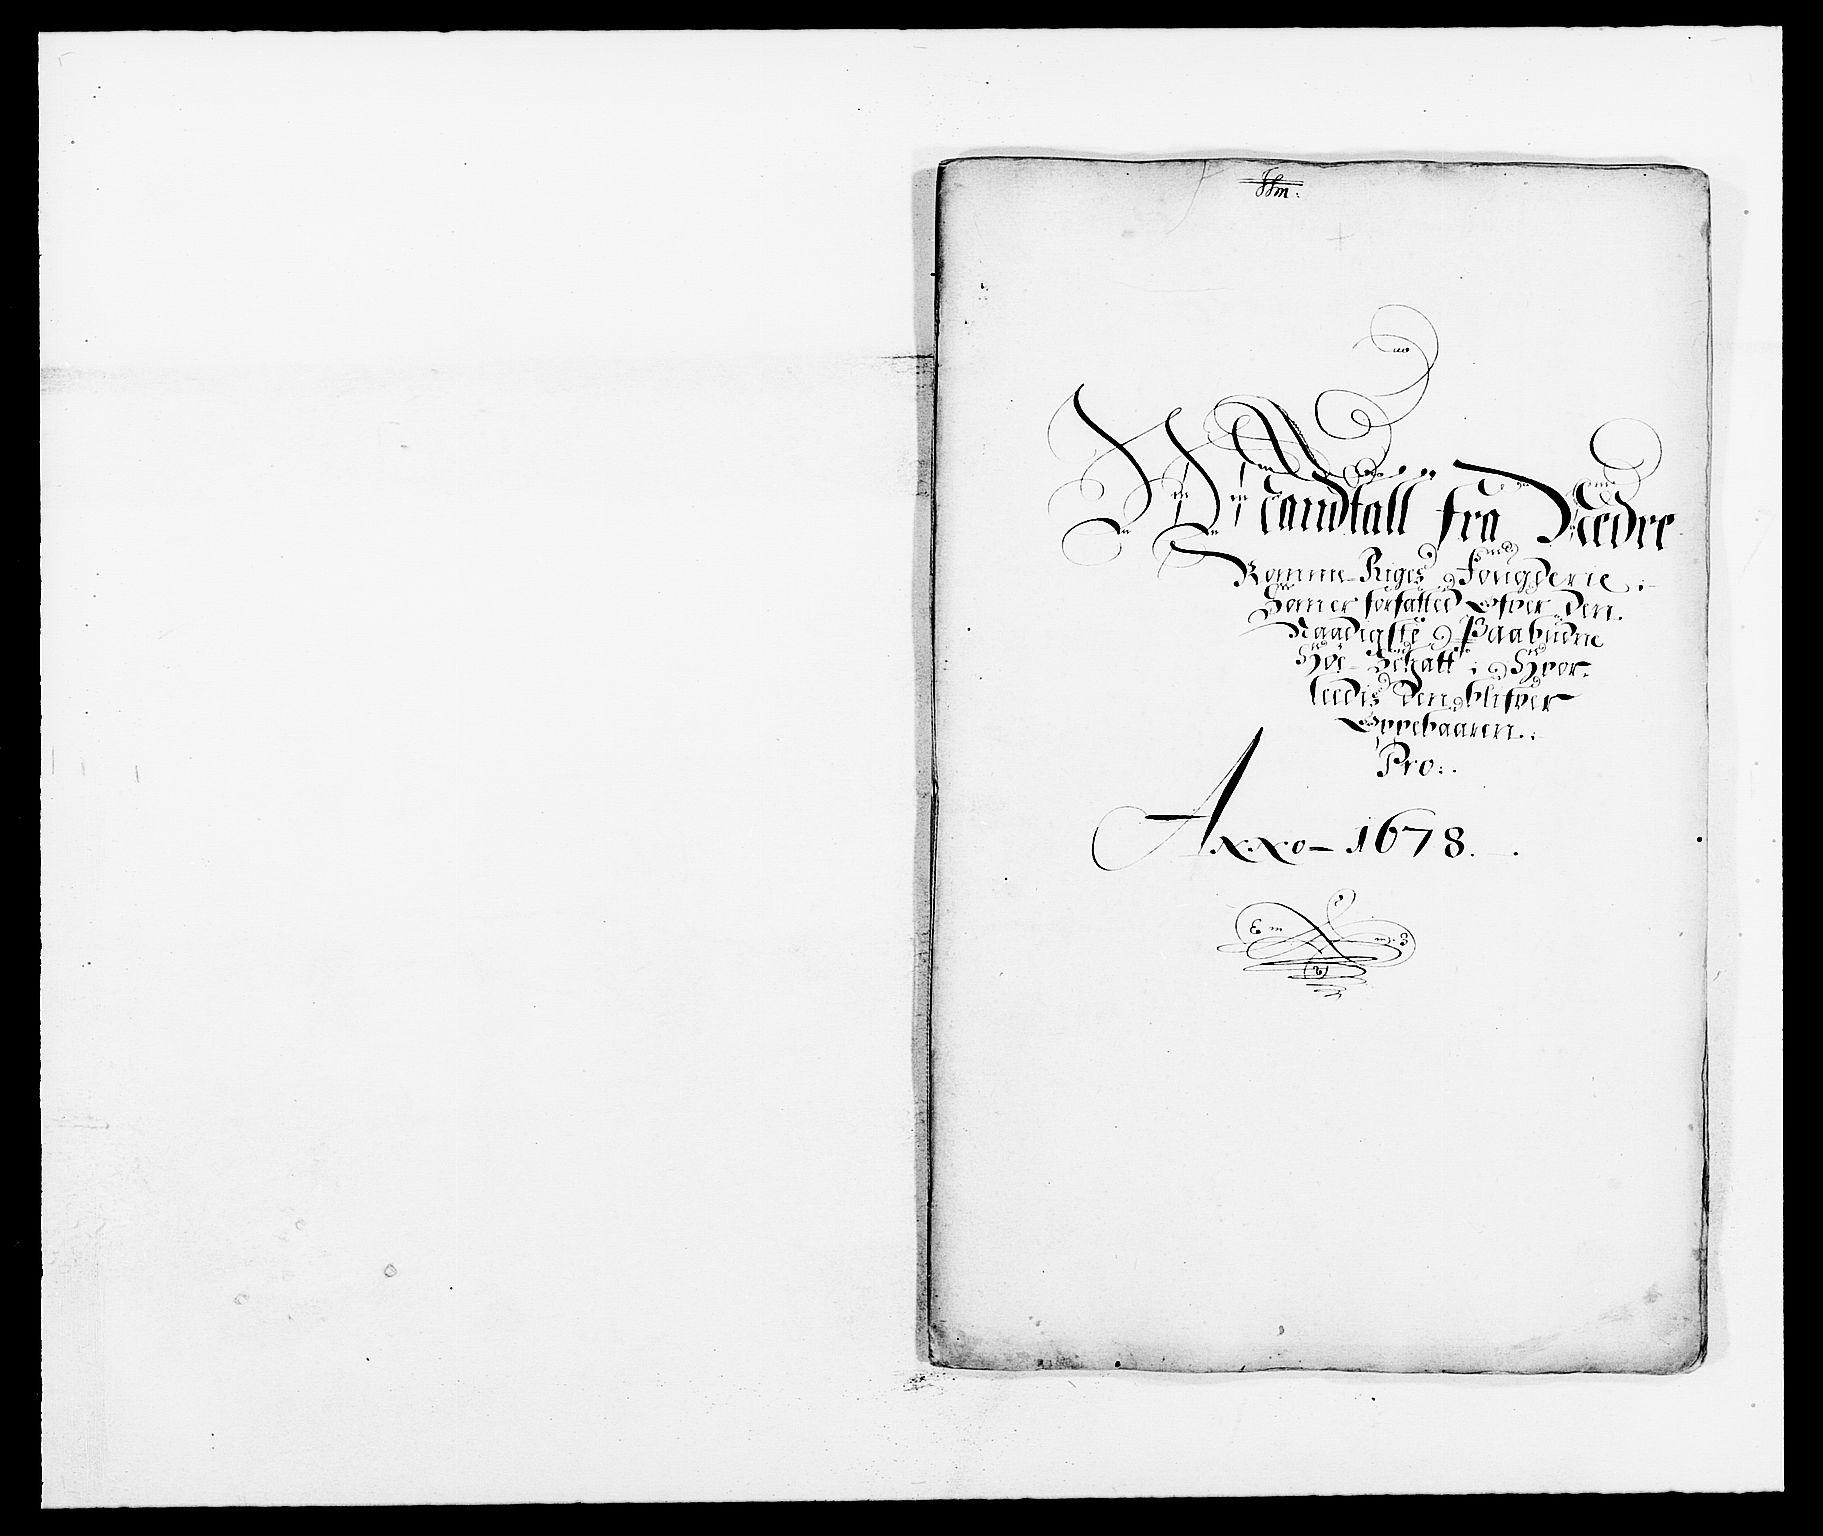 RA, Rentekammeret inntil 1814, Reviderte regnskaper, Fogderegnskap, R11/L0567: Fogderegnskap Nedre Romerike, 1678, s. 202